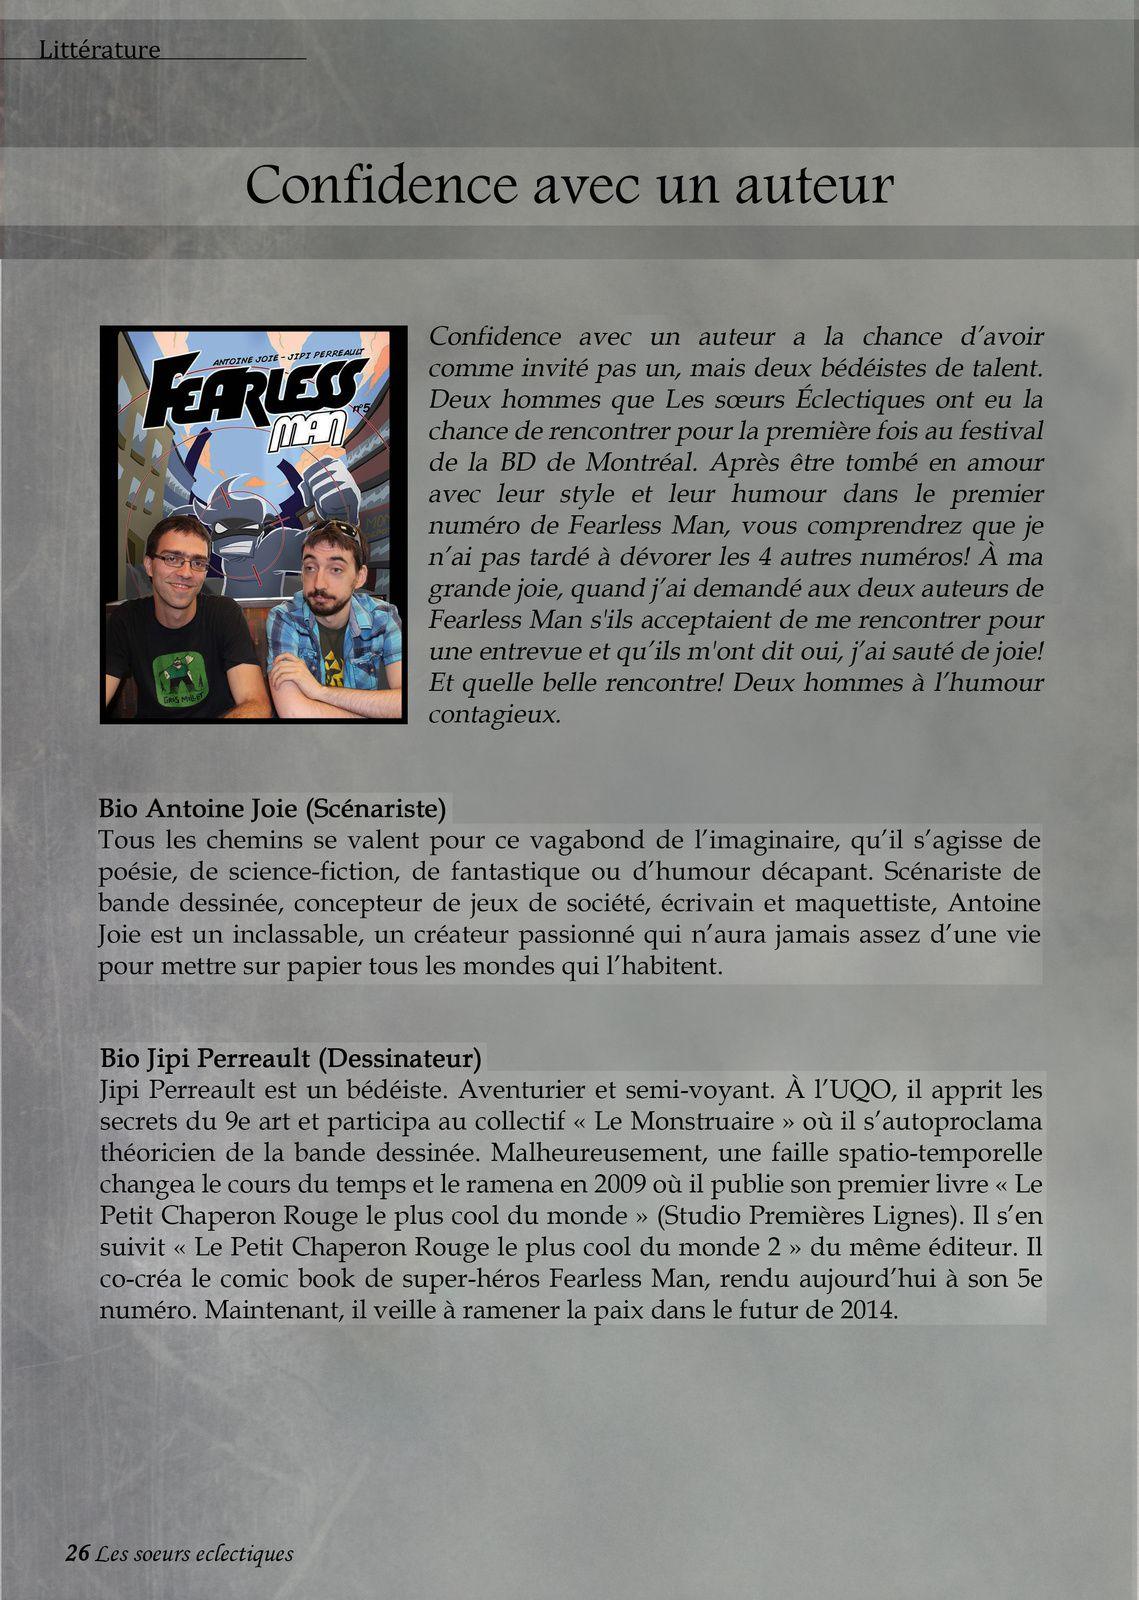 Antoine Joie et Jipi Perreault, pour Fearless Man